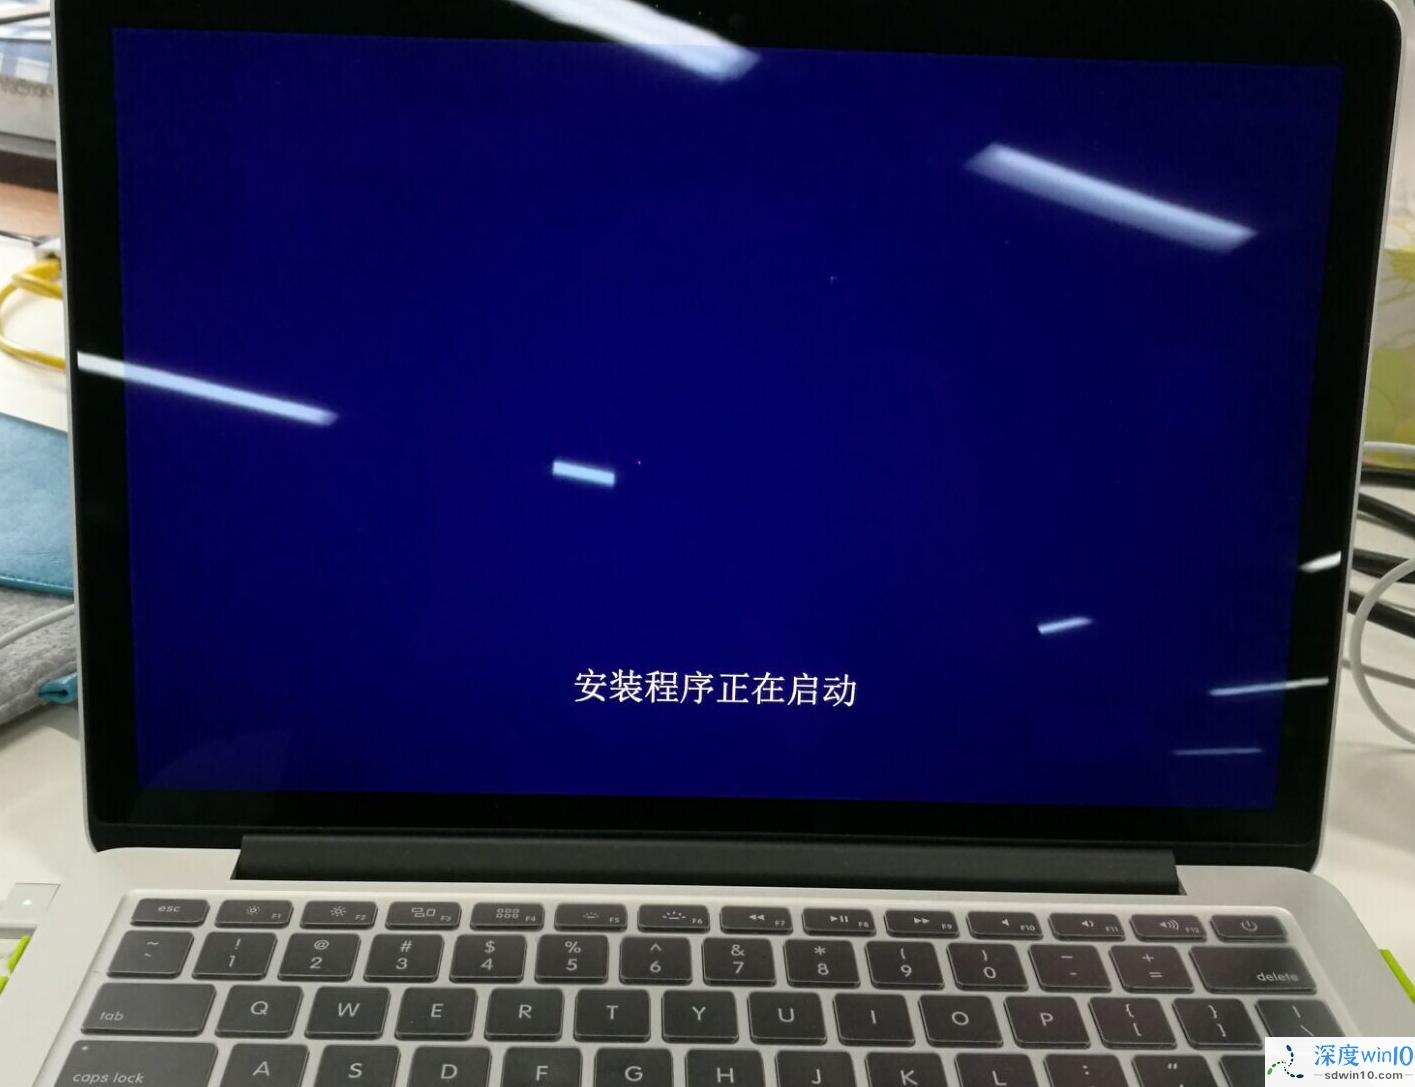 告诉你mac安装win10系统的方法